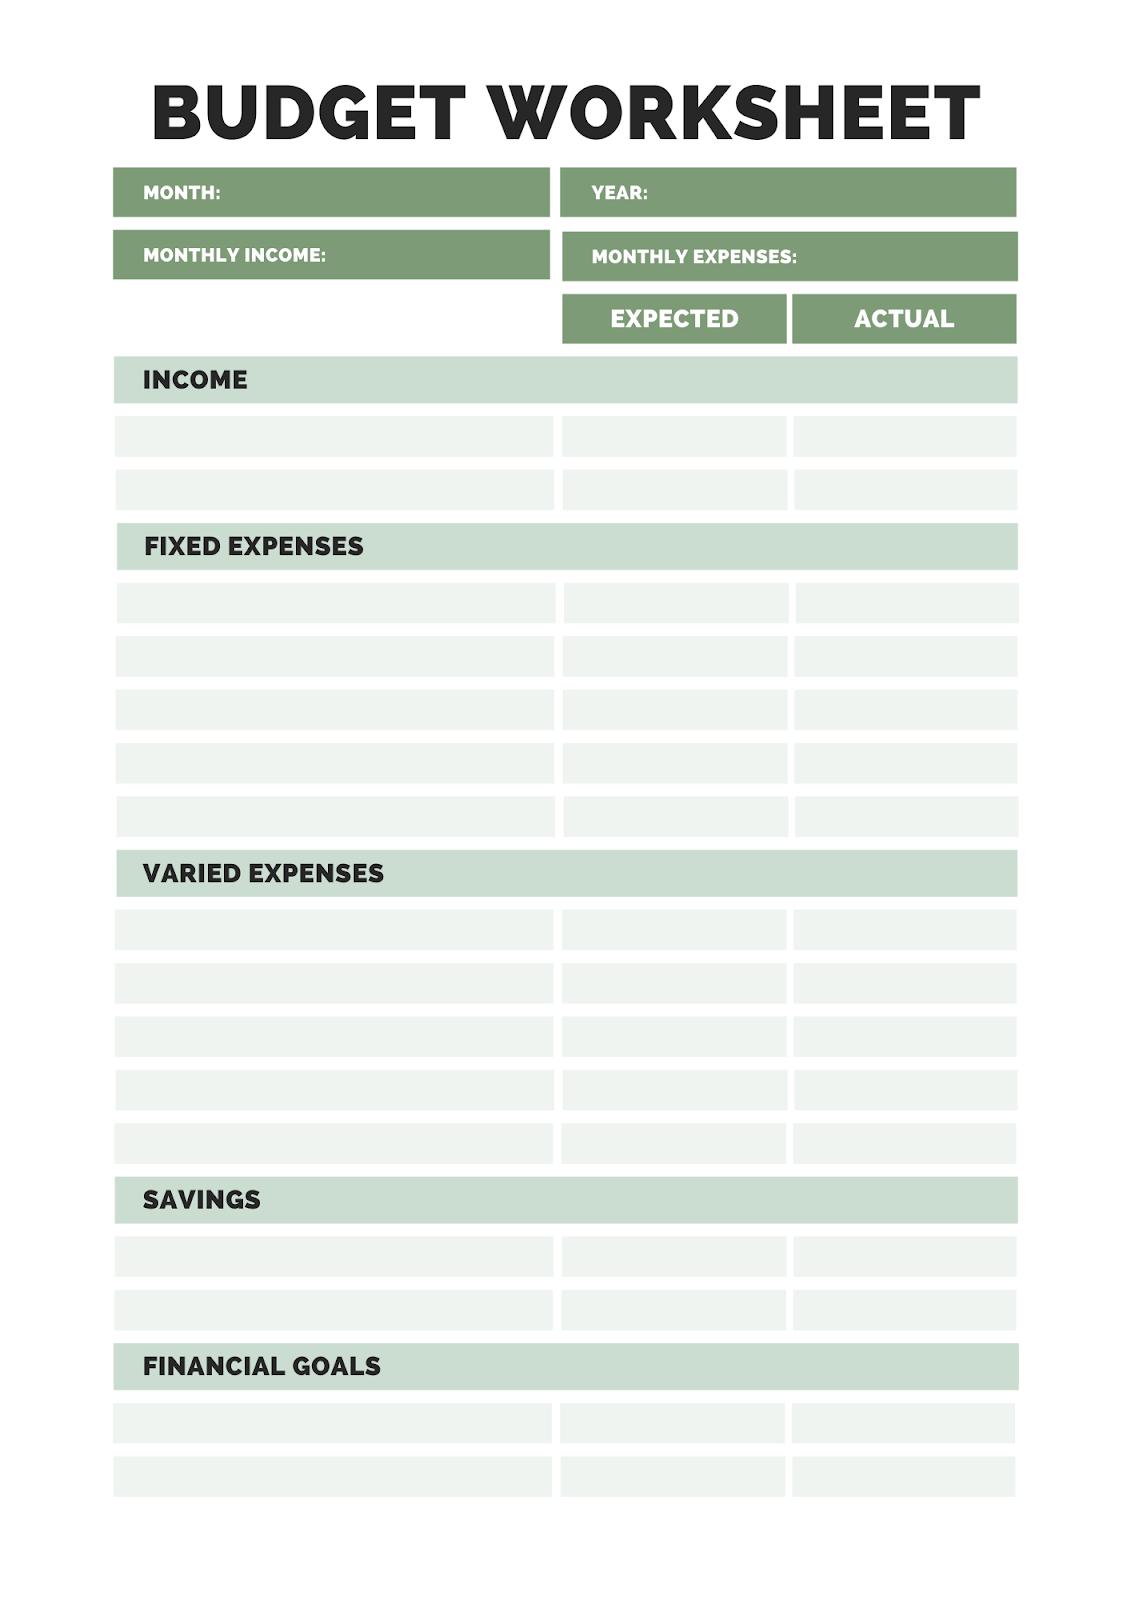 Budget Worksheet Download